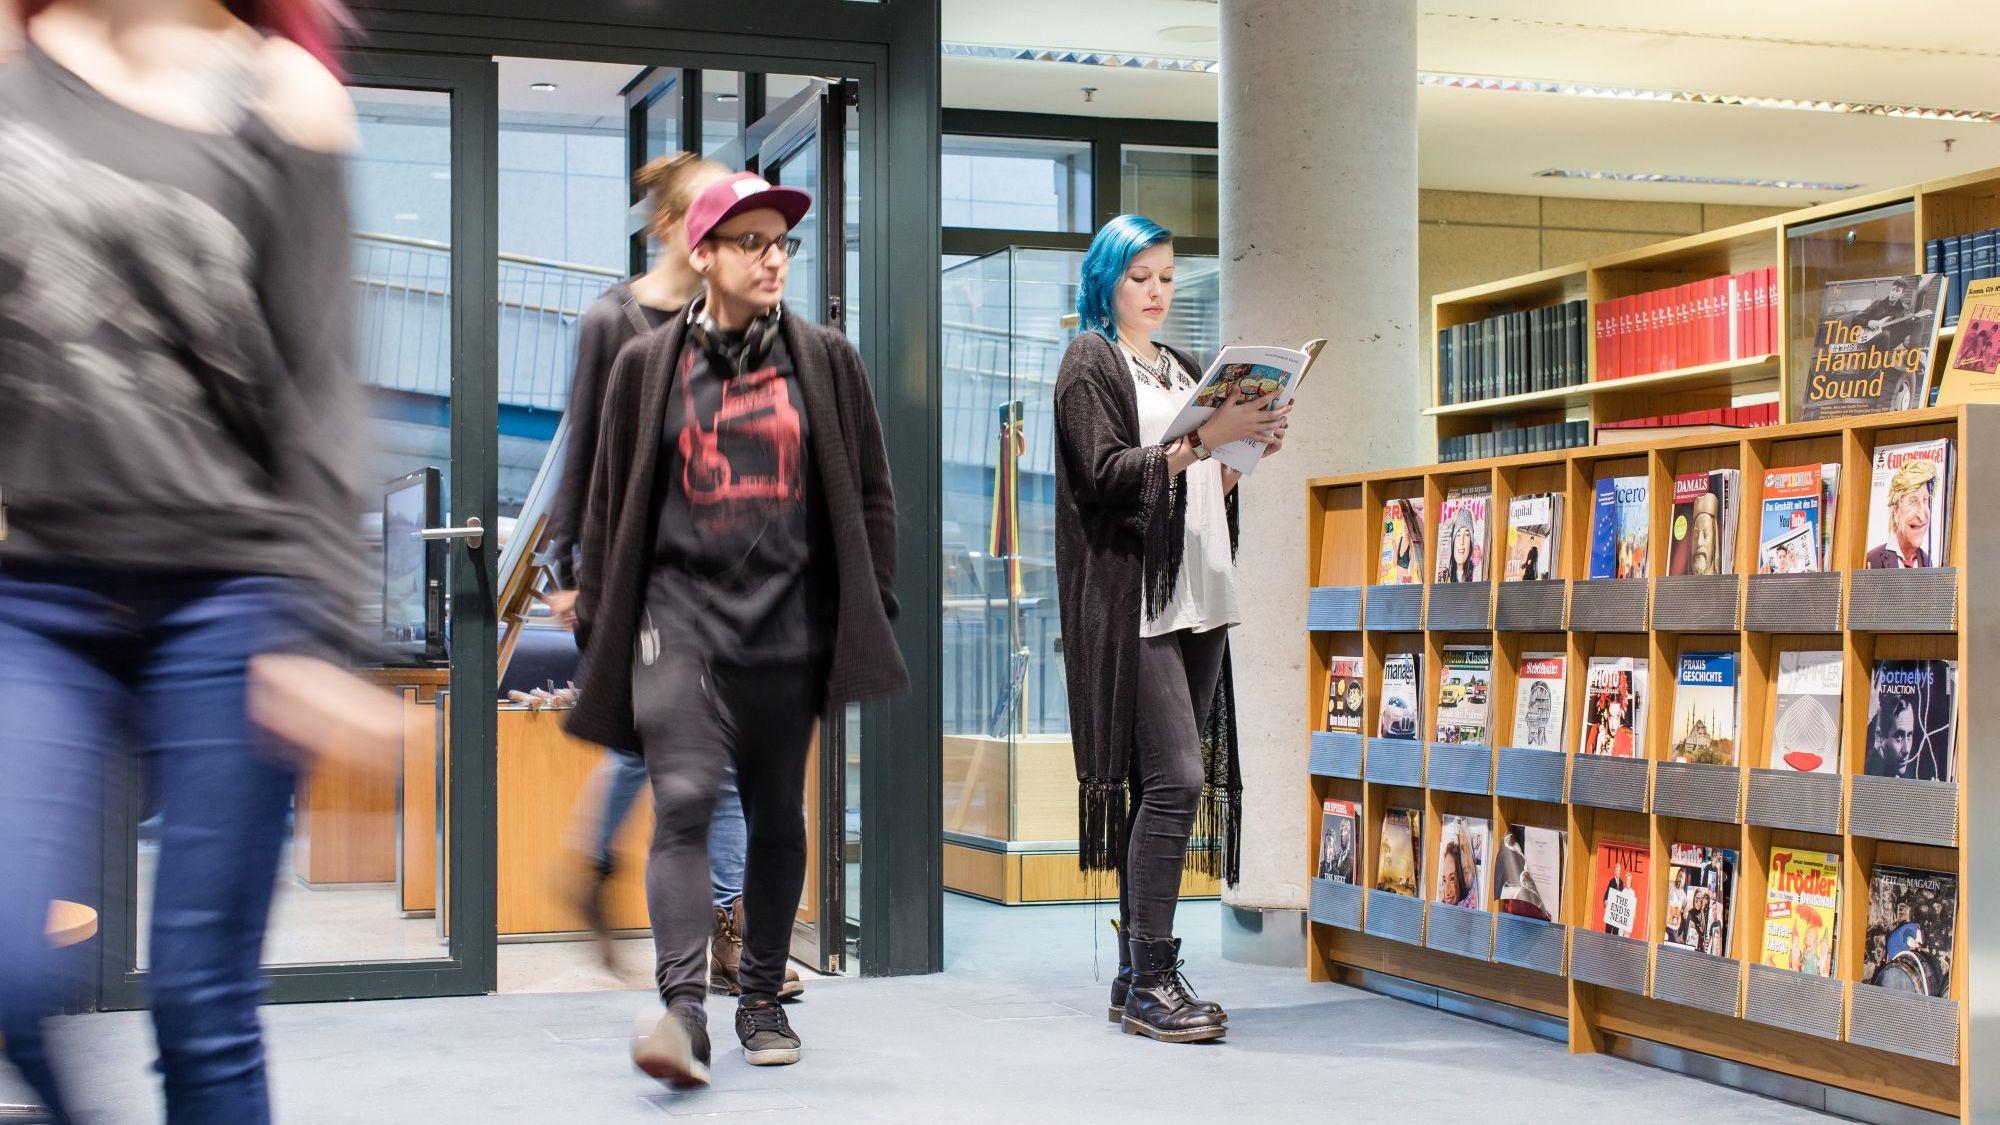 Besucher im Informationszentrum vor dem Zeitschriftenregal.